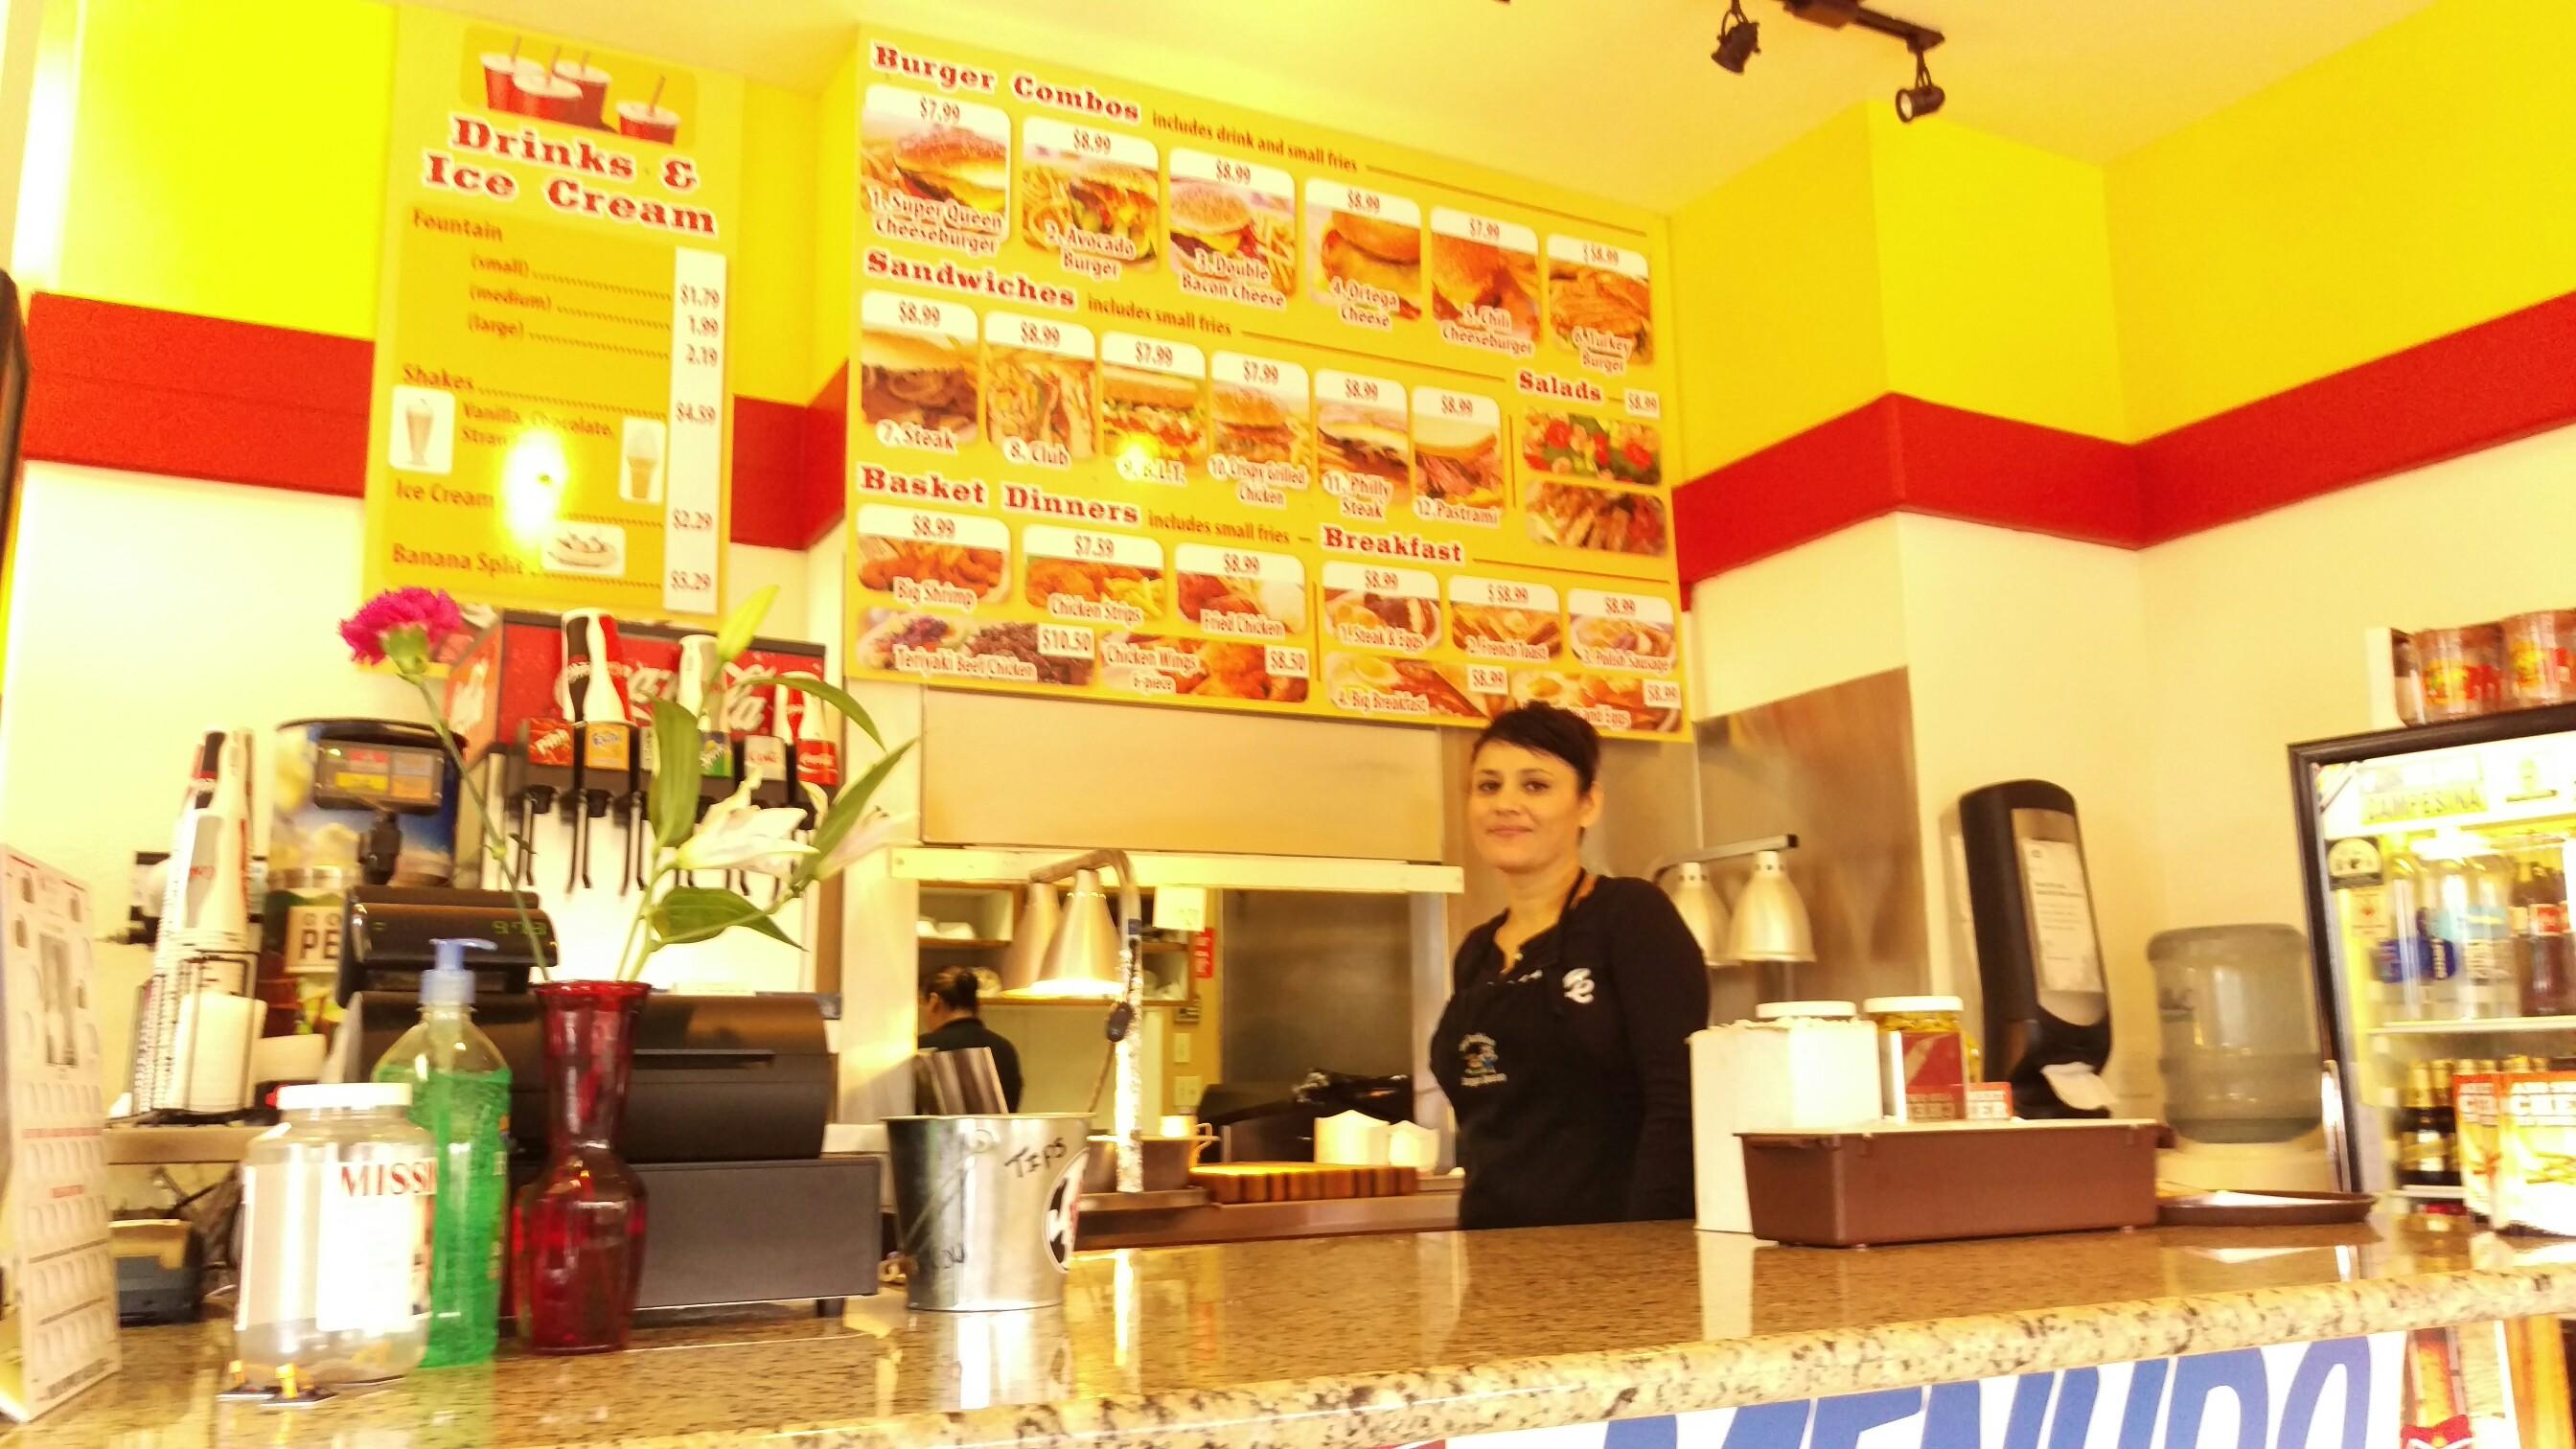 Burger Queen, Gonzales CA